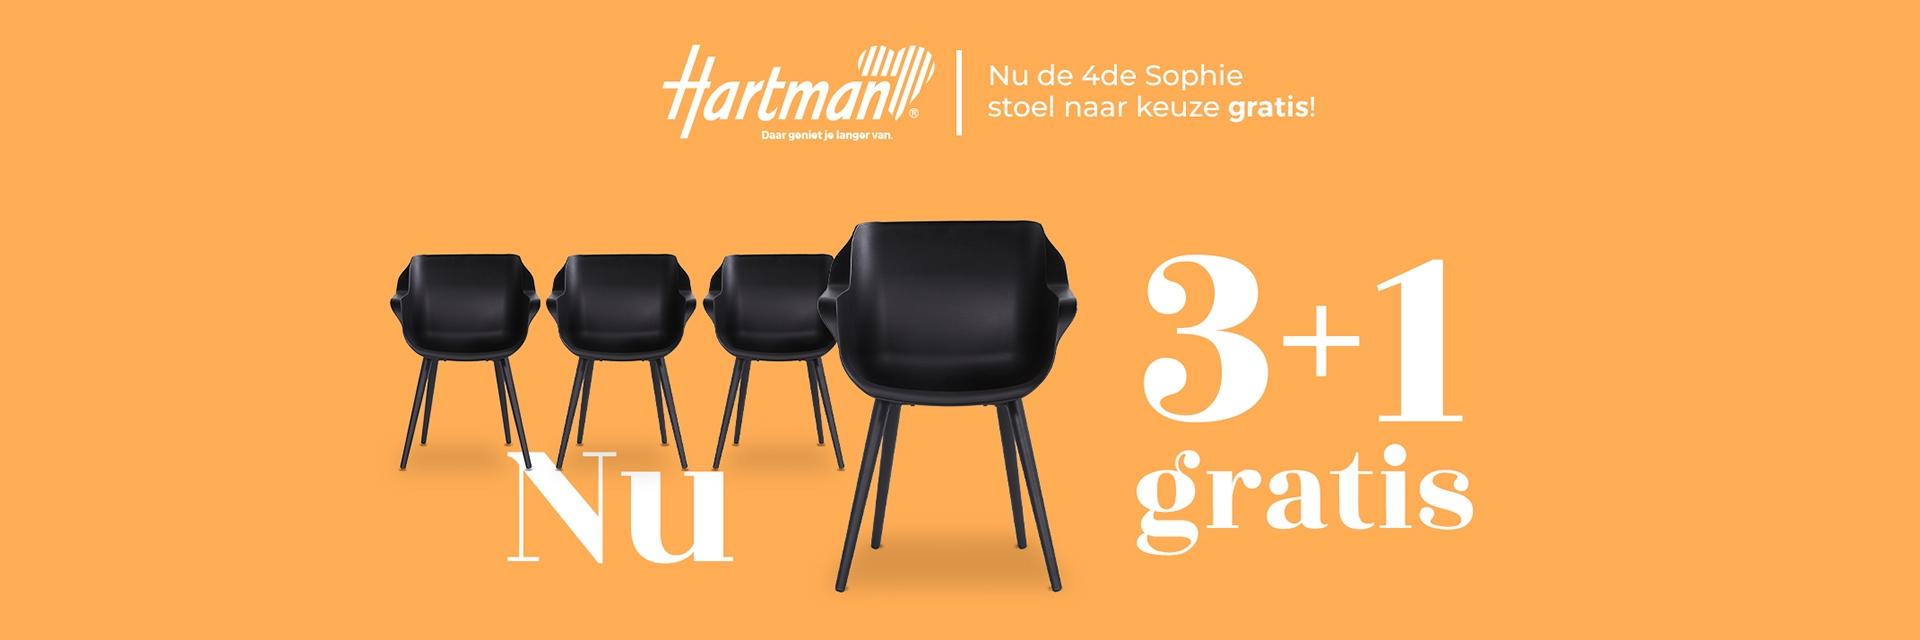 Hartman 3+1 Actie